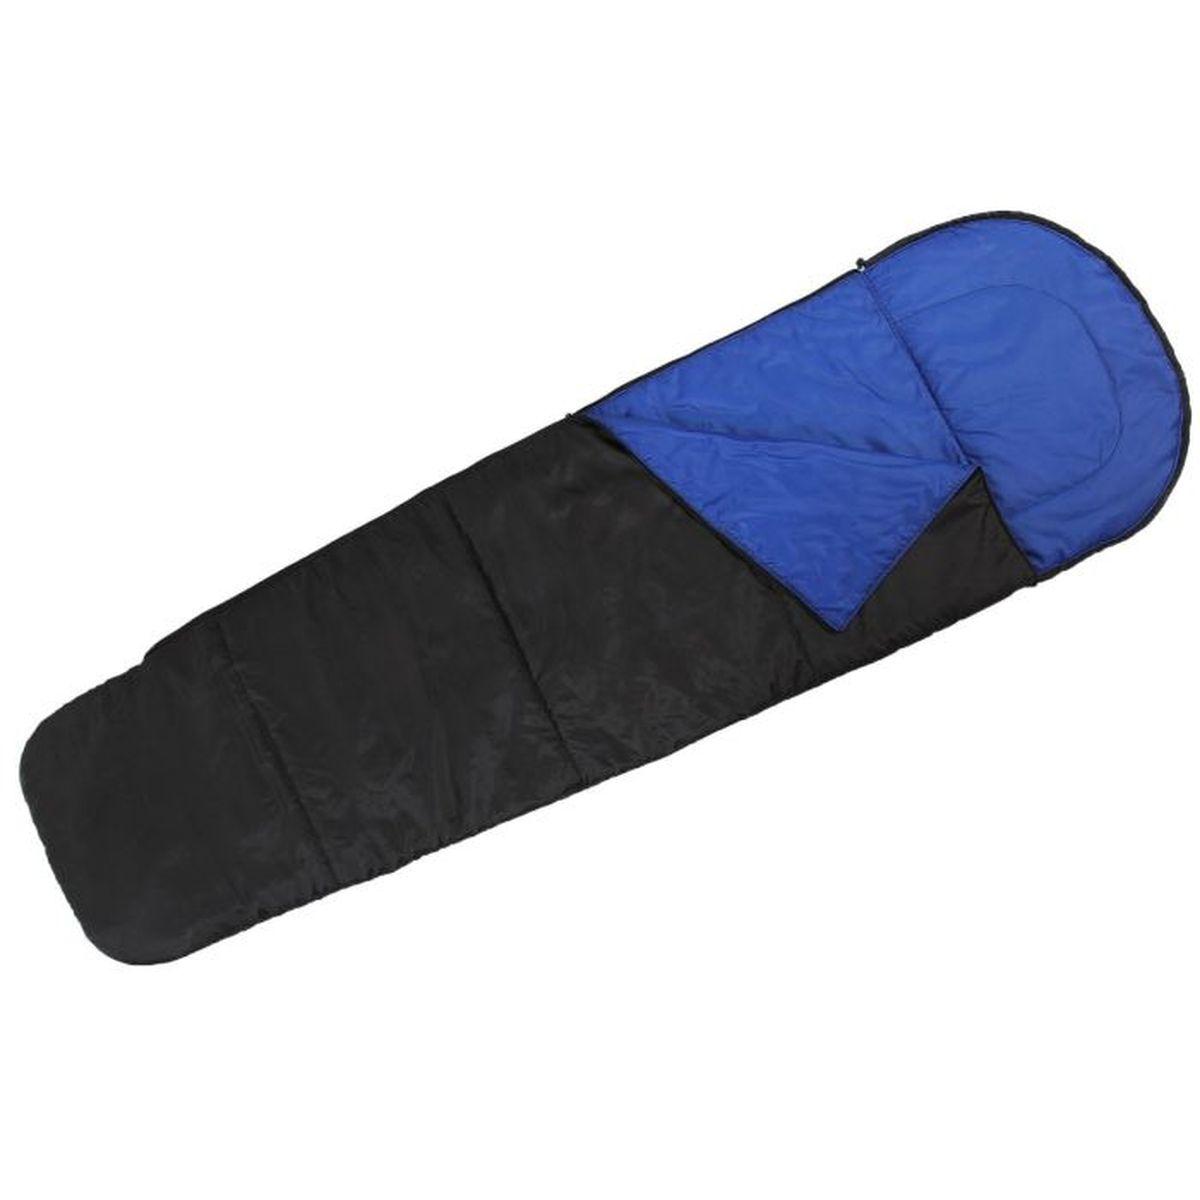 Мешок спальный Onlitop Кокон, цвет: черный, синий, правосторонняя молния1344023Комфортный, просторный и очень теплый 3-х сезонный спальник Onlitop Кокон предназначен для походов и для отдыха на природе не только в летнее время, но и в прохладные дни весенне-осеннего периода. В теплое время спальный мешок можно использовать как одеяло (в том числе и дома).Материал внешней ткани: Полиэстер (Taffeta).Материал внутренней ткани: Полиэстер (Taffeta).Вес: 0.72 кг.Длина: 210 см.Ширина в плечах: 70 см.Размеры в свернутом виде: 43 x 24 х 14 см.